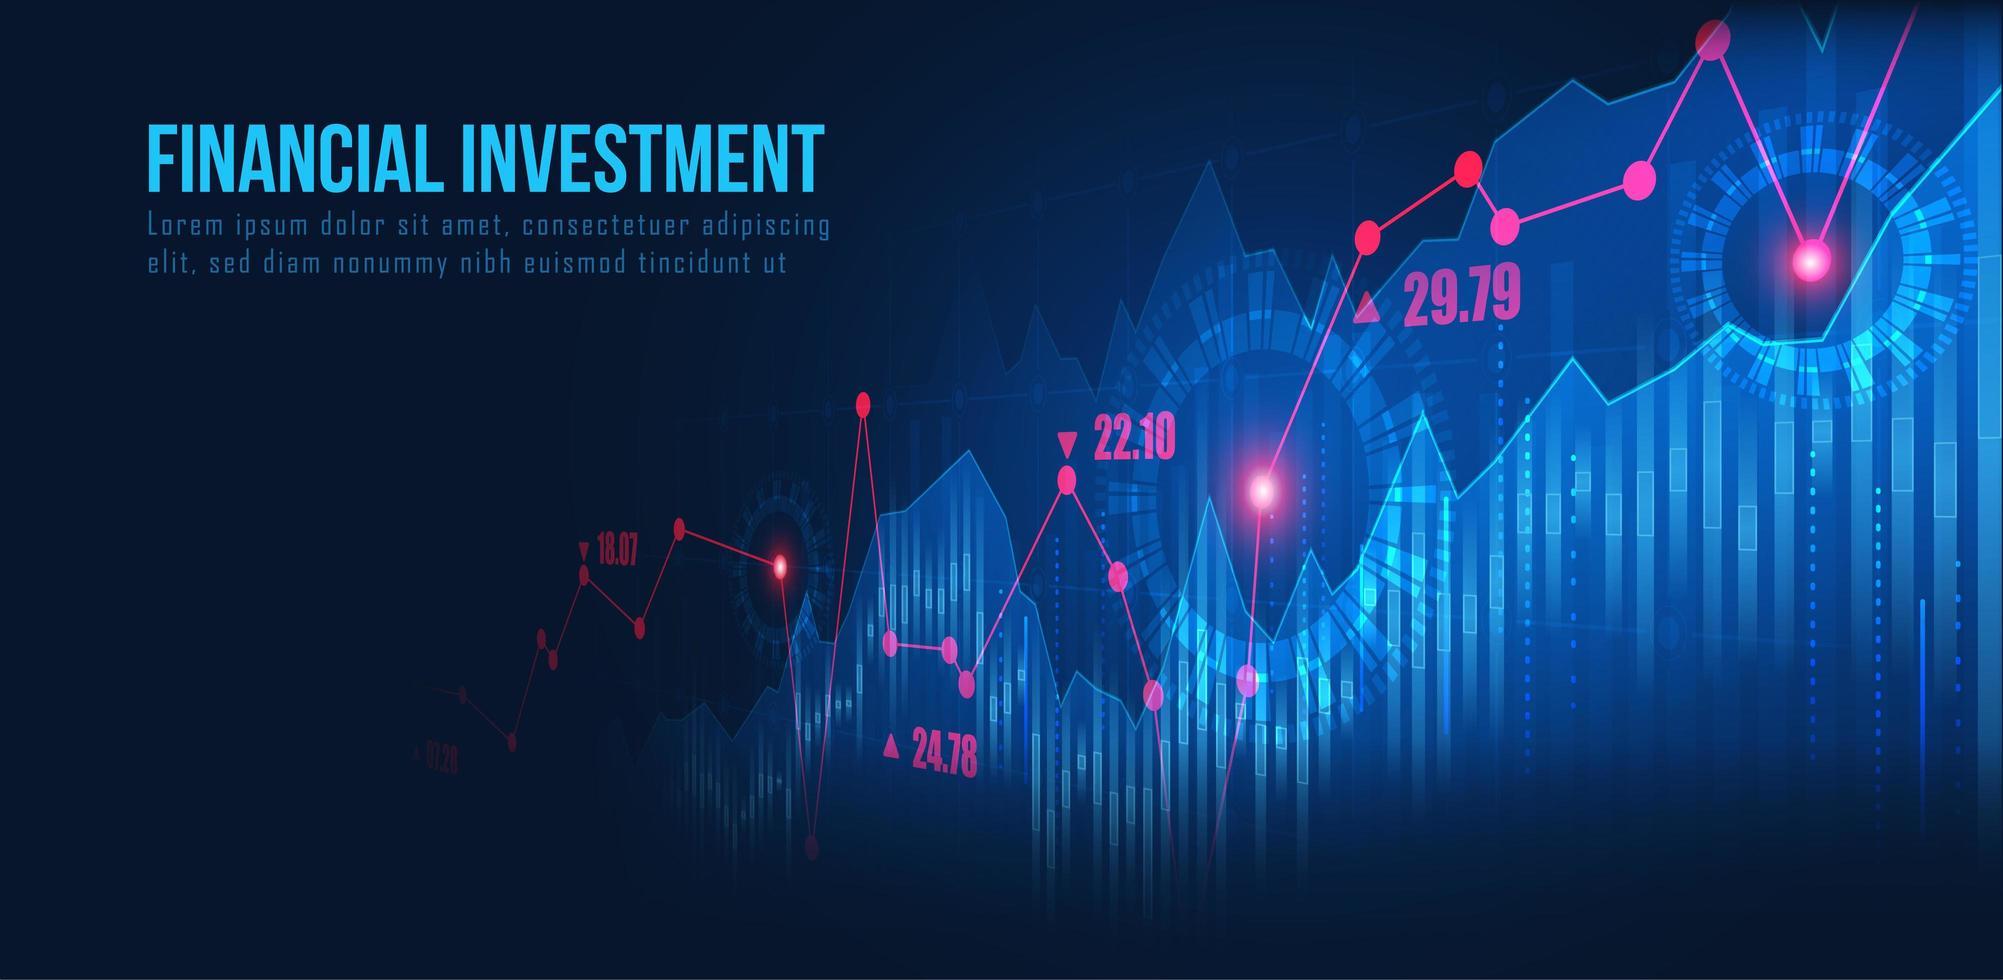 graphique de trading avec prix cible vecteur